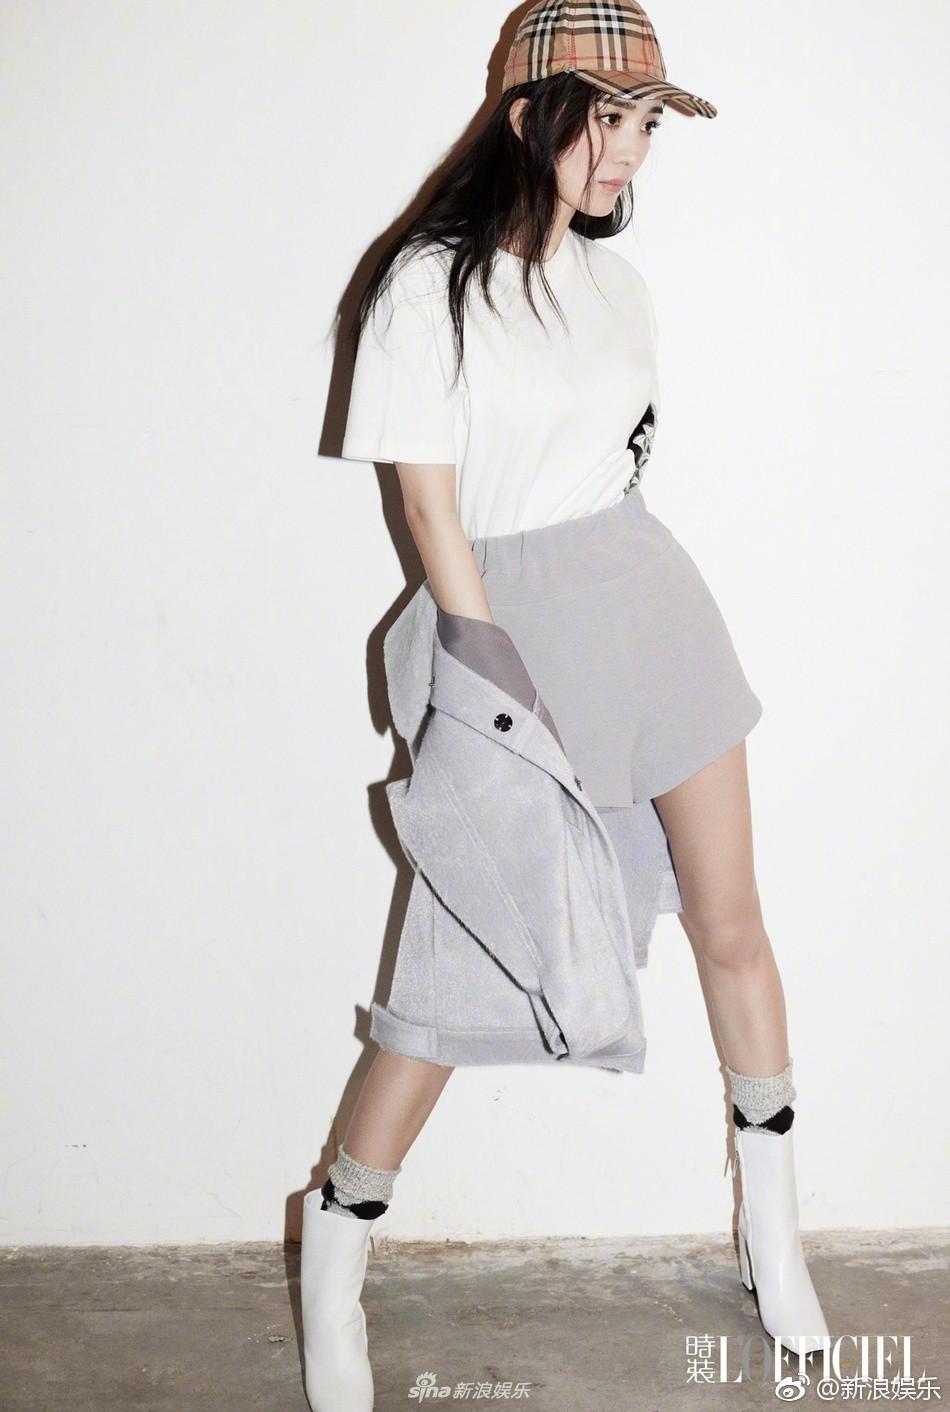 Sở hữu lợi thế đôi chân dài và thẳng, Dương Mịch khoe hết cỡ sắc vóc nuột nà trên tạp chí - Ảnh 6.